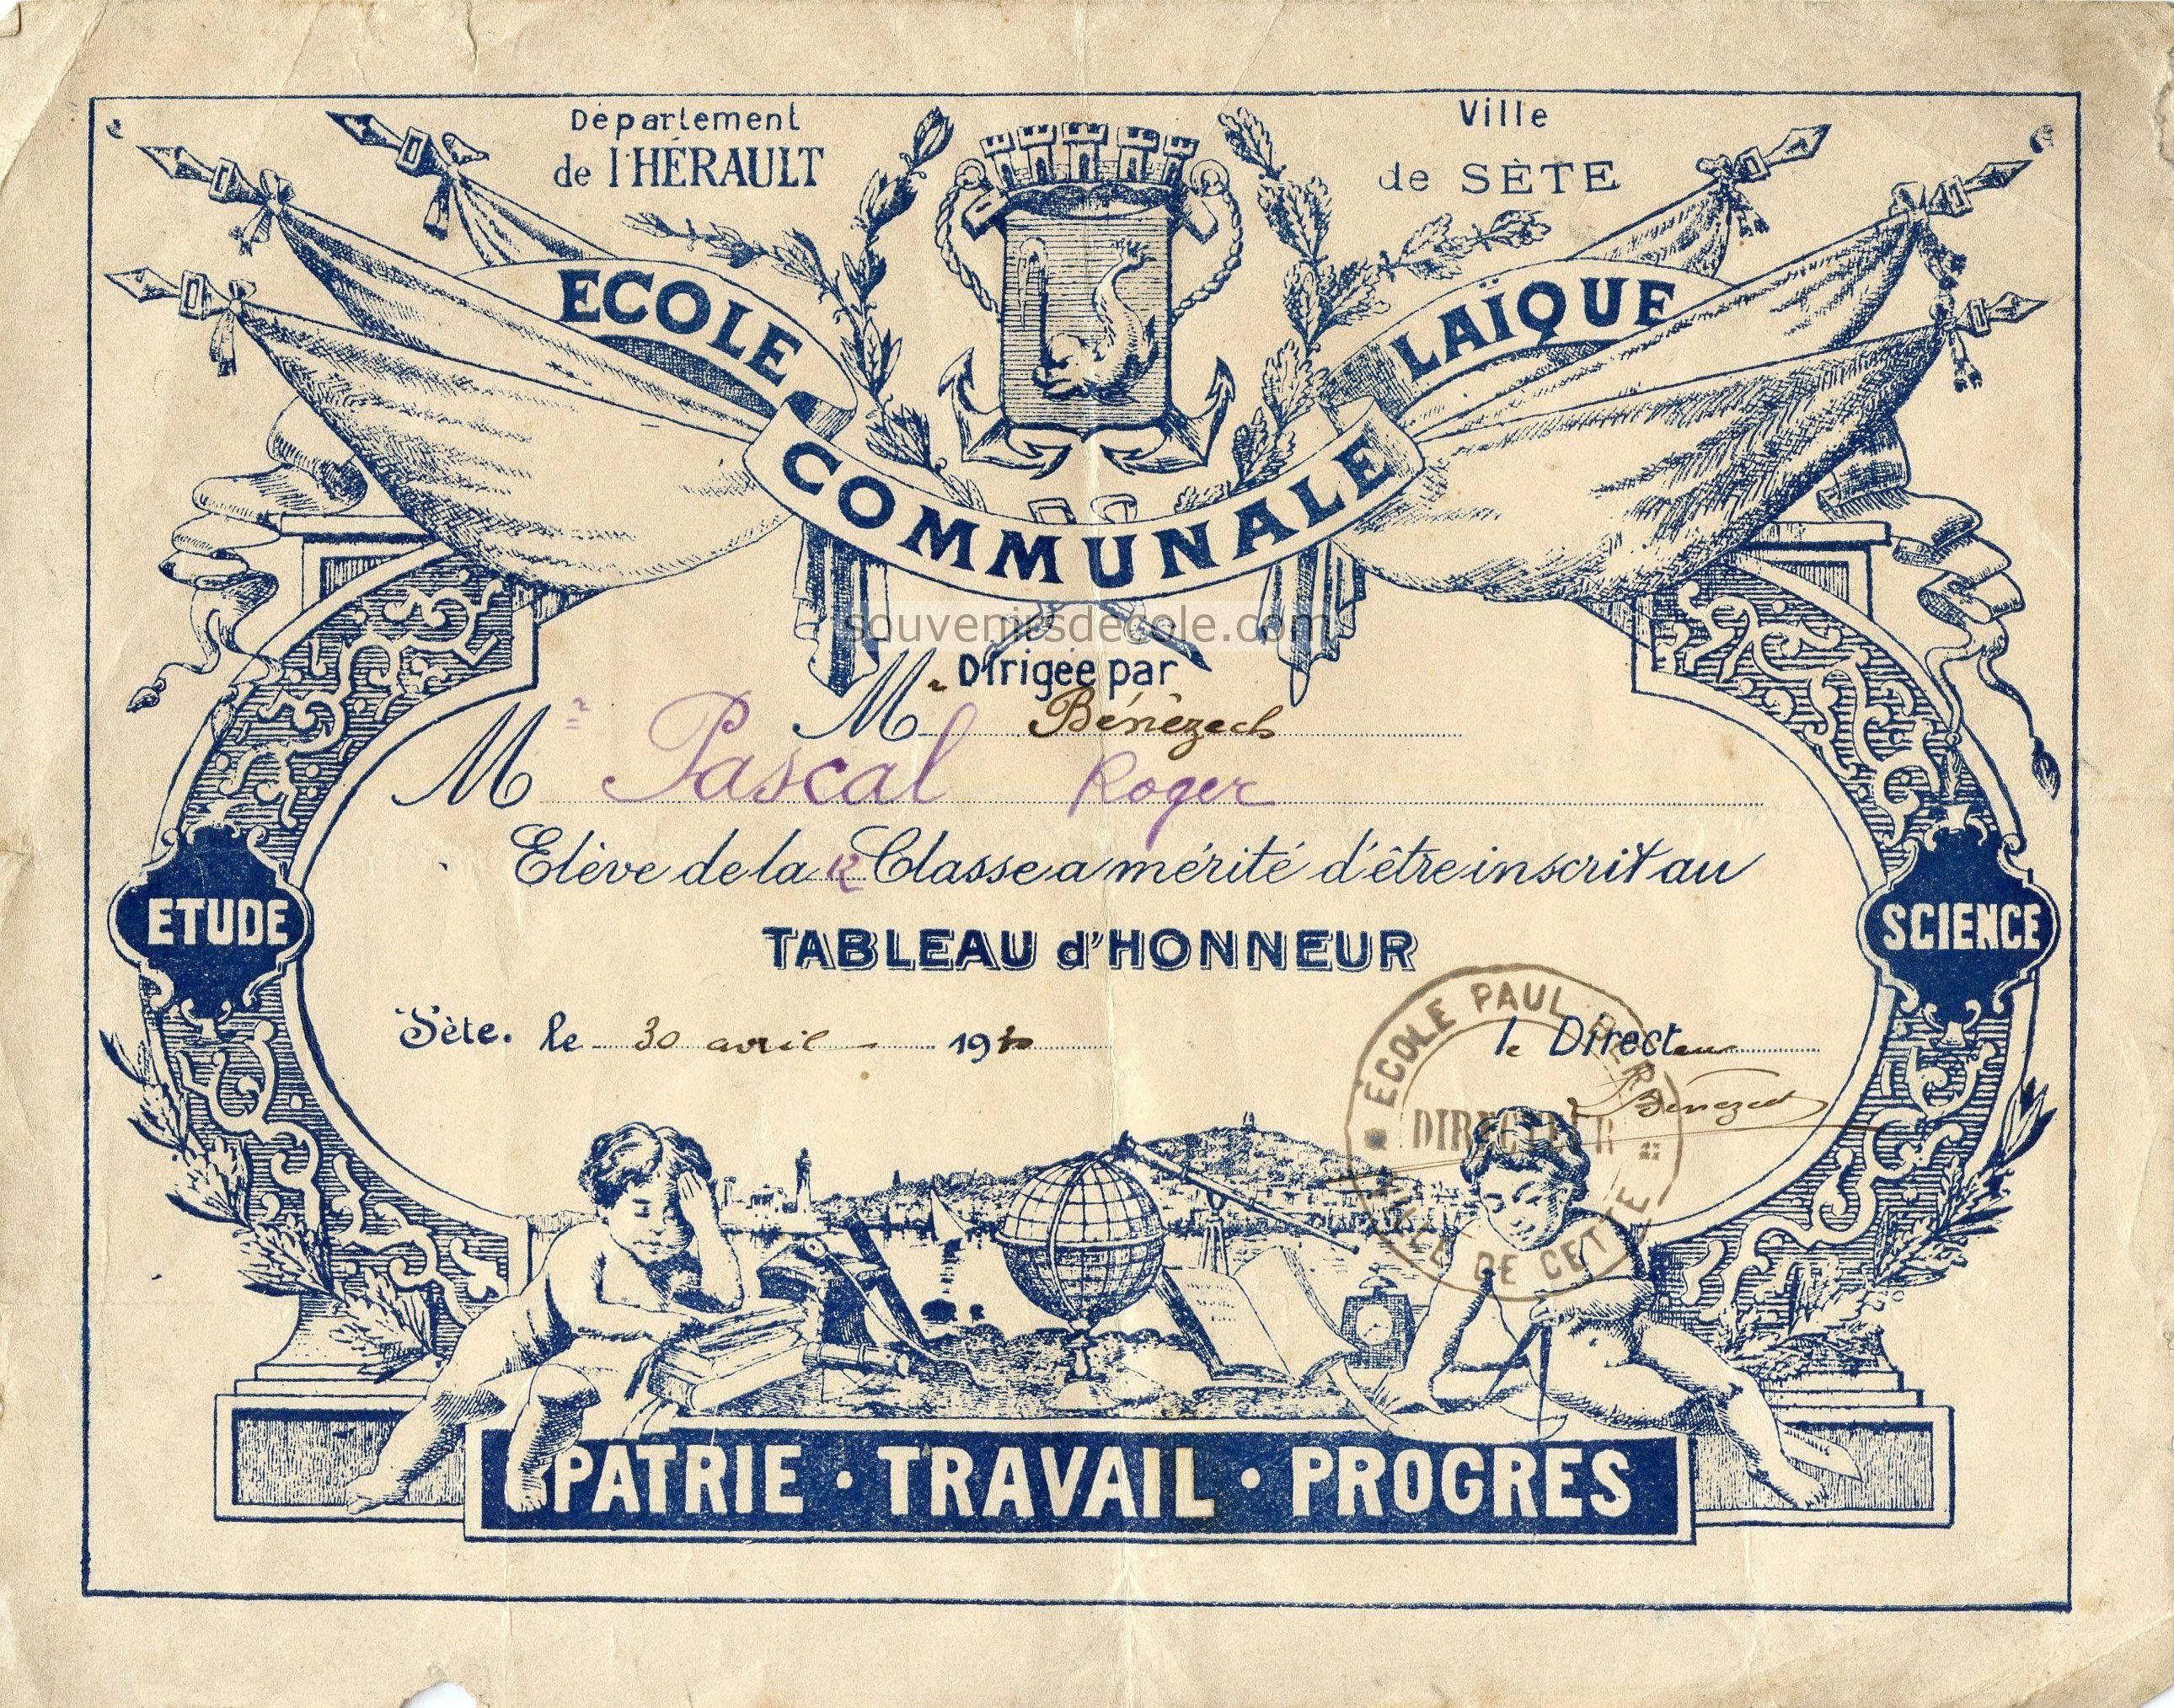 Tableau d'honneur - École Communale Laïque Paul Bert, Sète - 1930 (from http://souvenirsdecole.com/picture?/5)